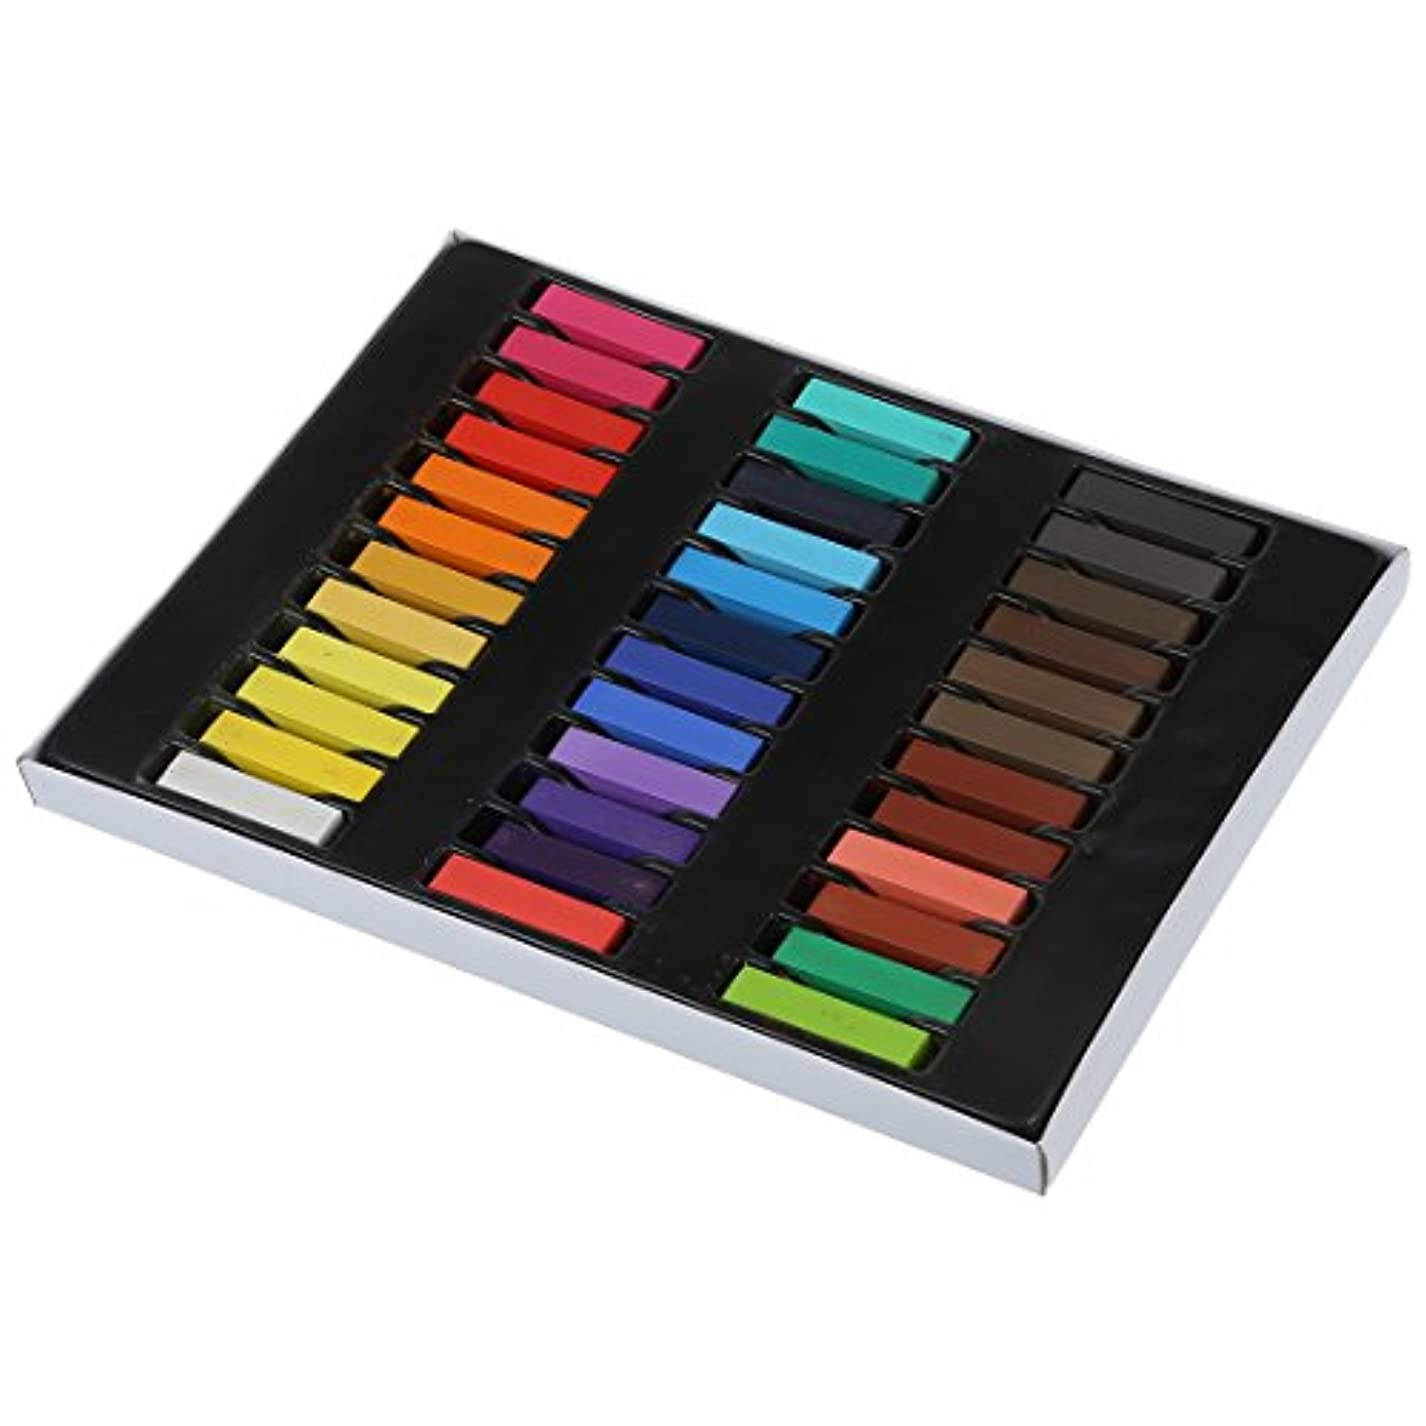 とんでもないペンフレンド平和的RETYLY 36色の髪のチョーク有色の鉛筆 一時サロンキット パステル、ボックス付き